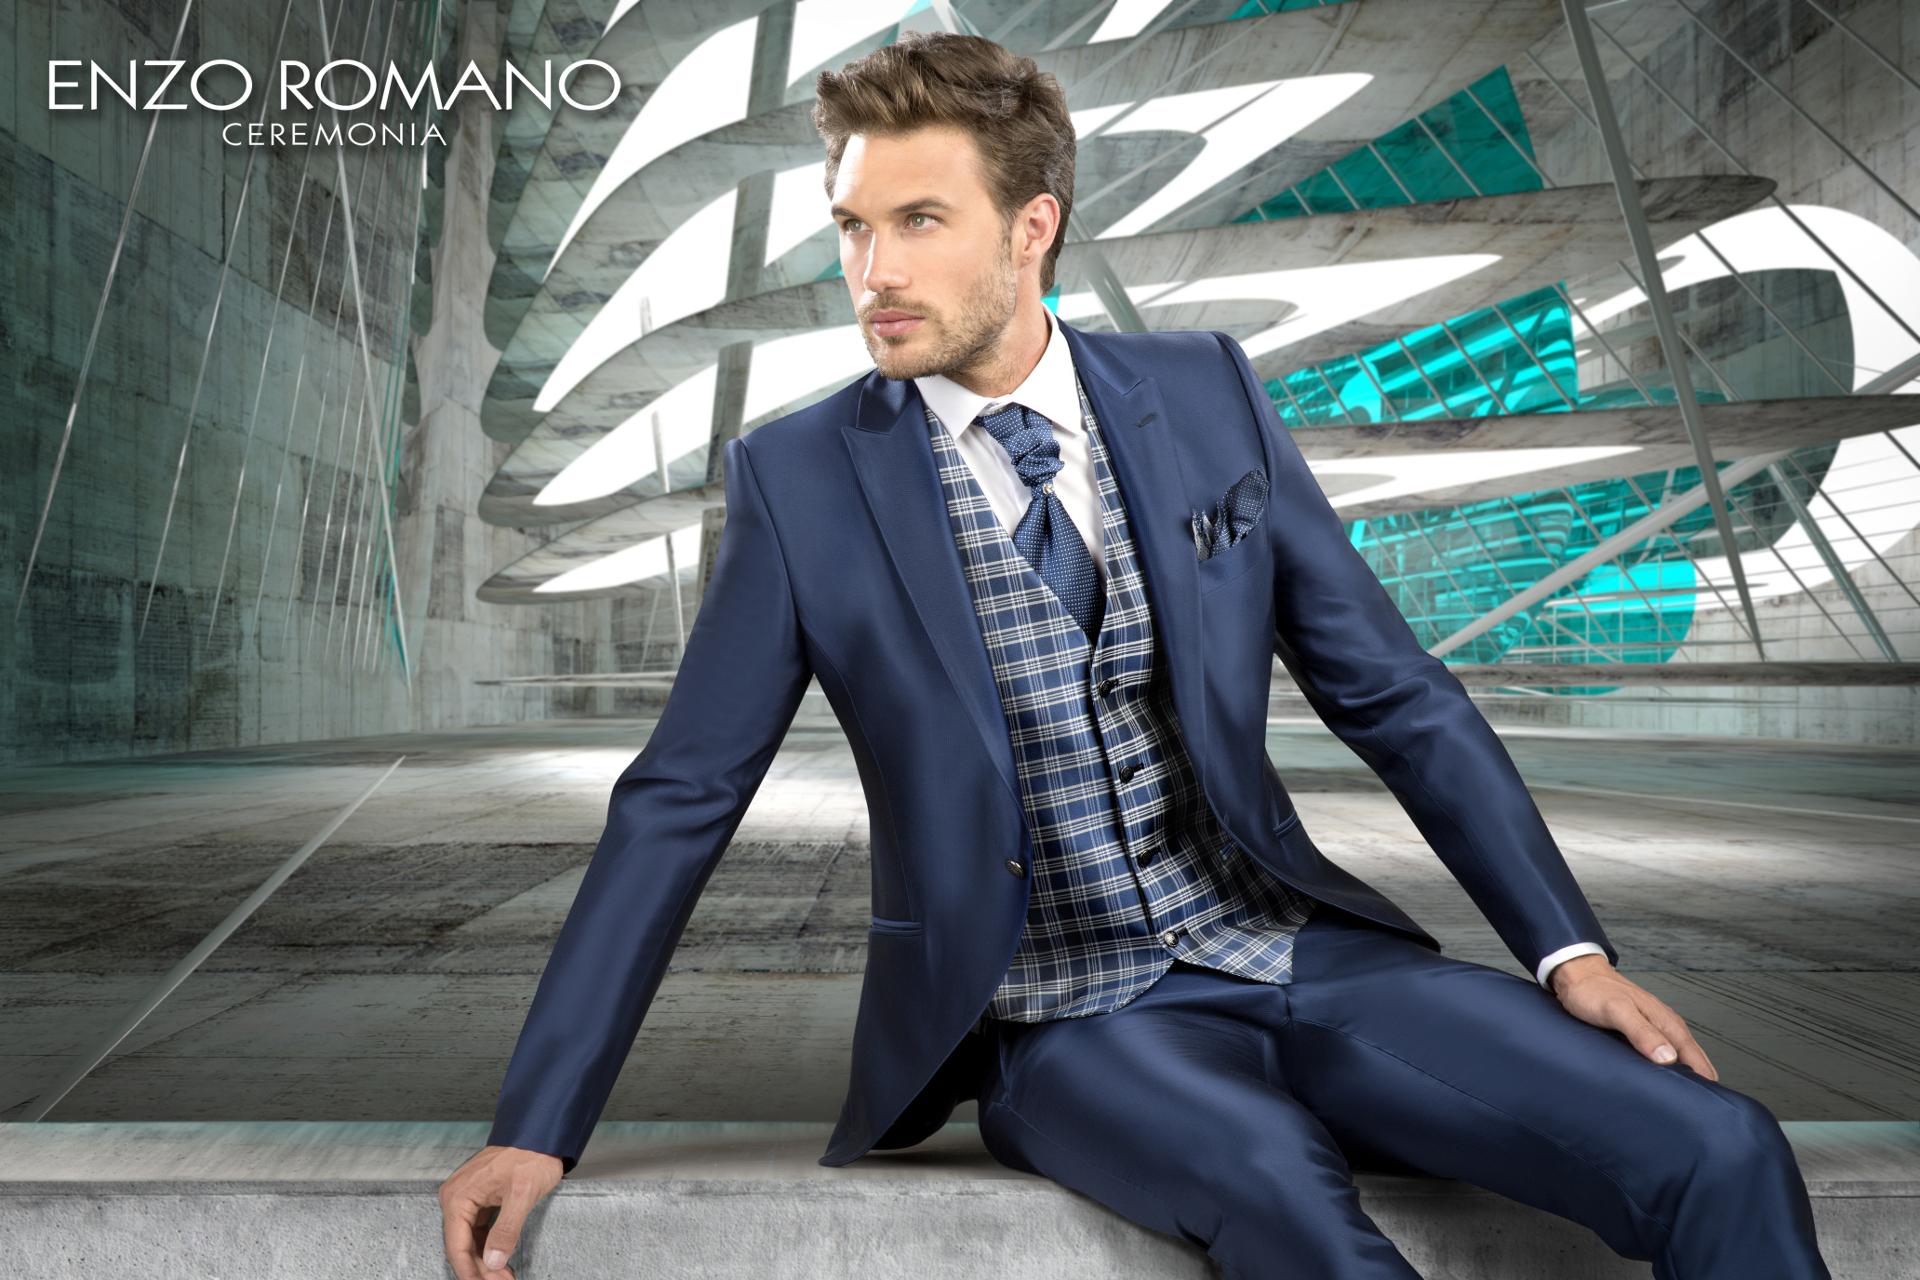 Enzo_Romano_1